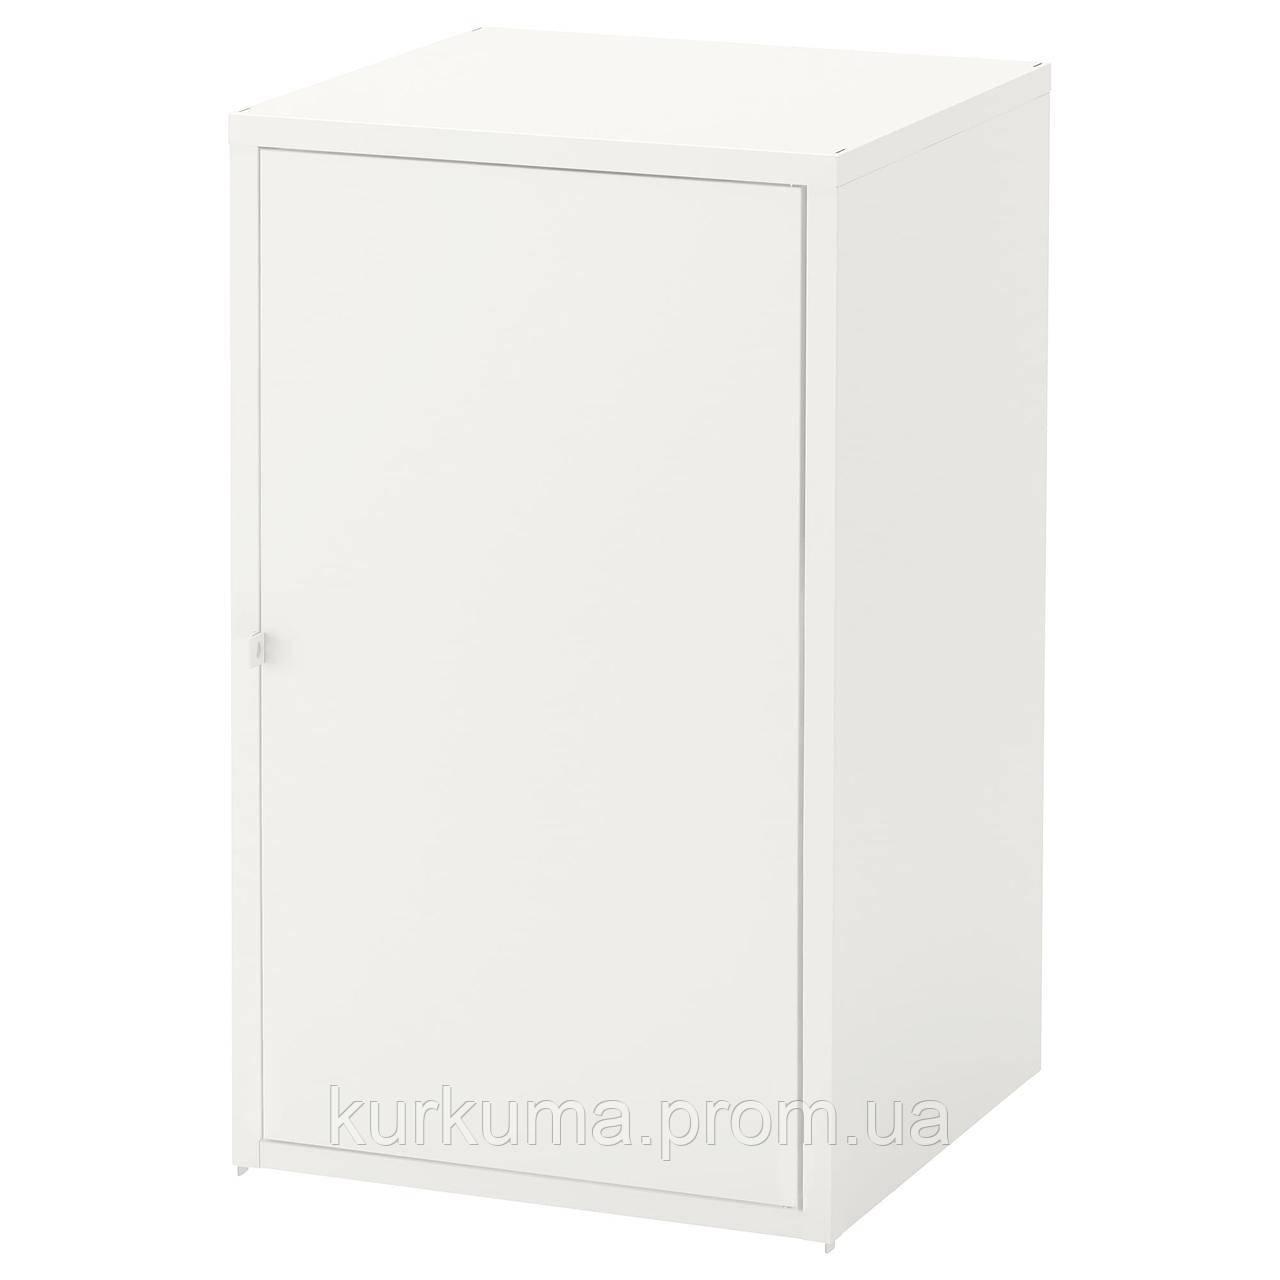 IKEA HALLAN Шкаф, белый  (403.636.21)